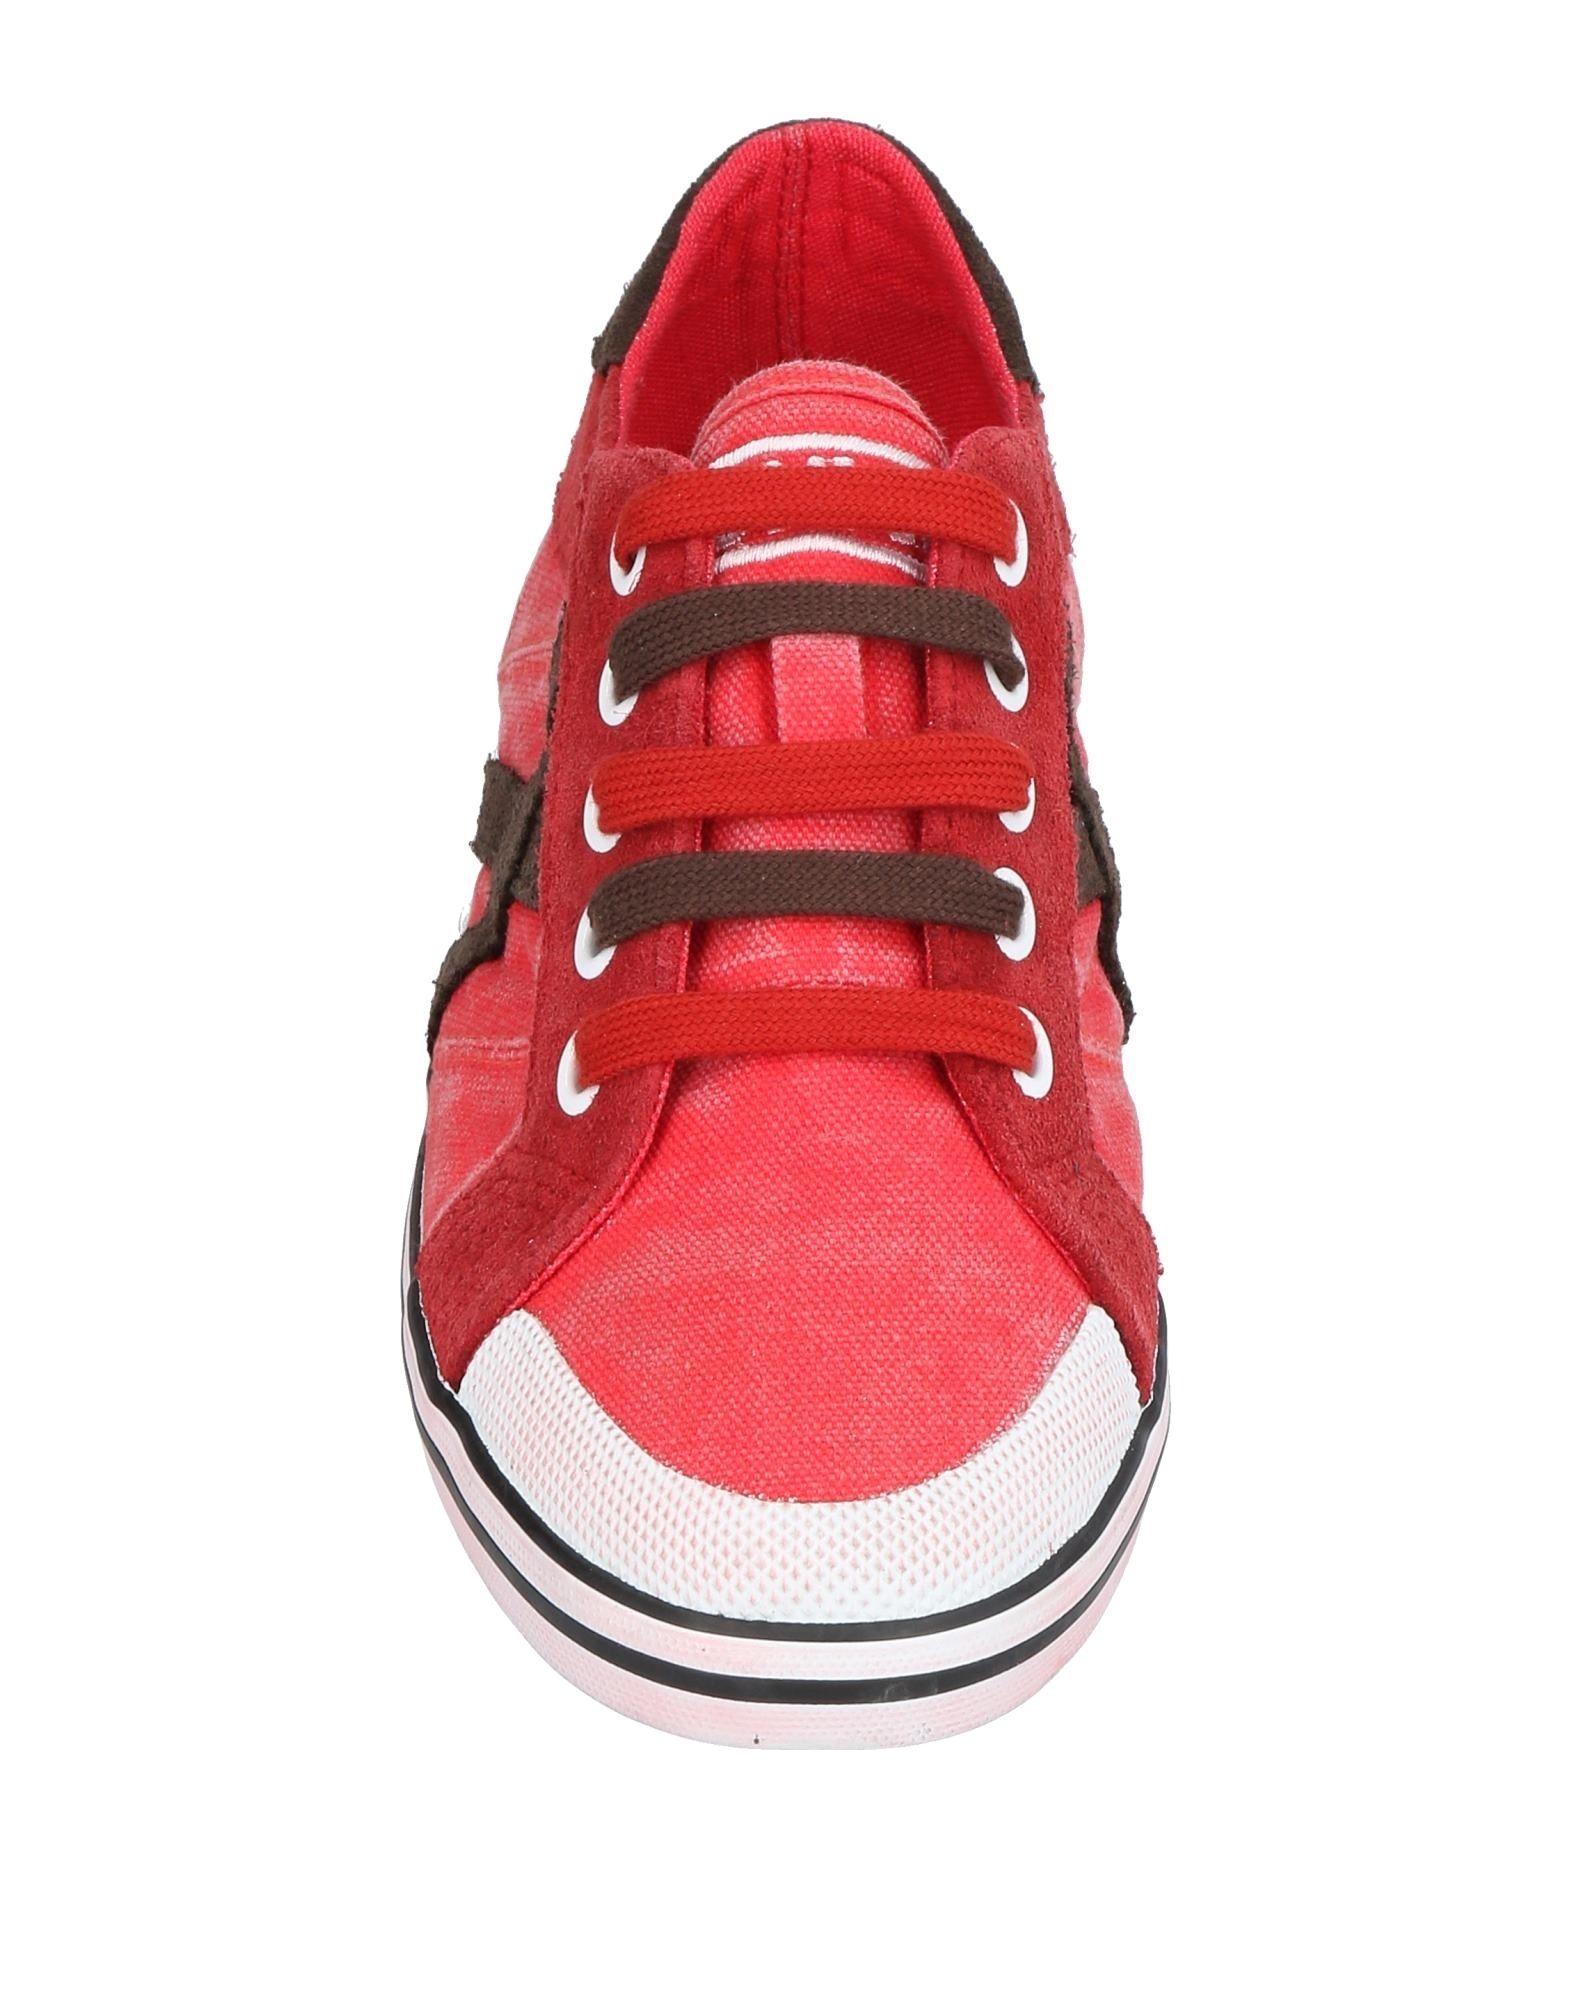 Munich Sneakers Damen  11516233MG Gute Qualität beliebte Schuhe